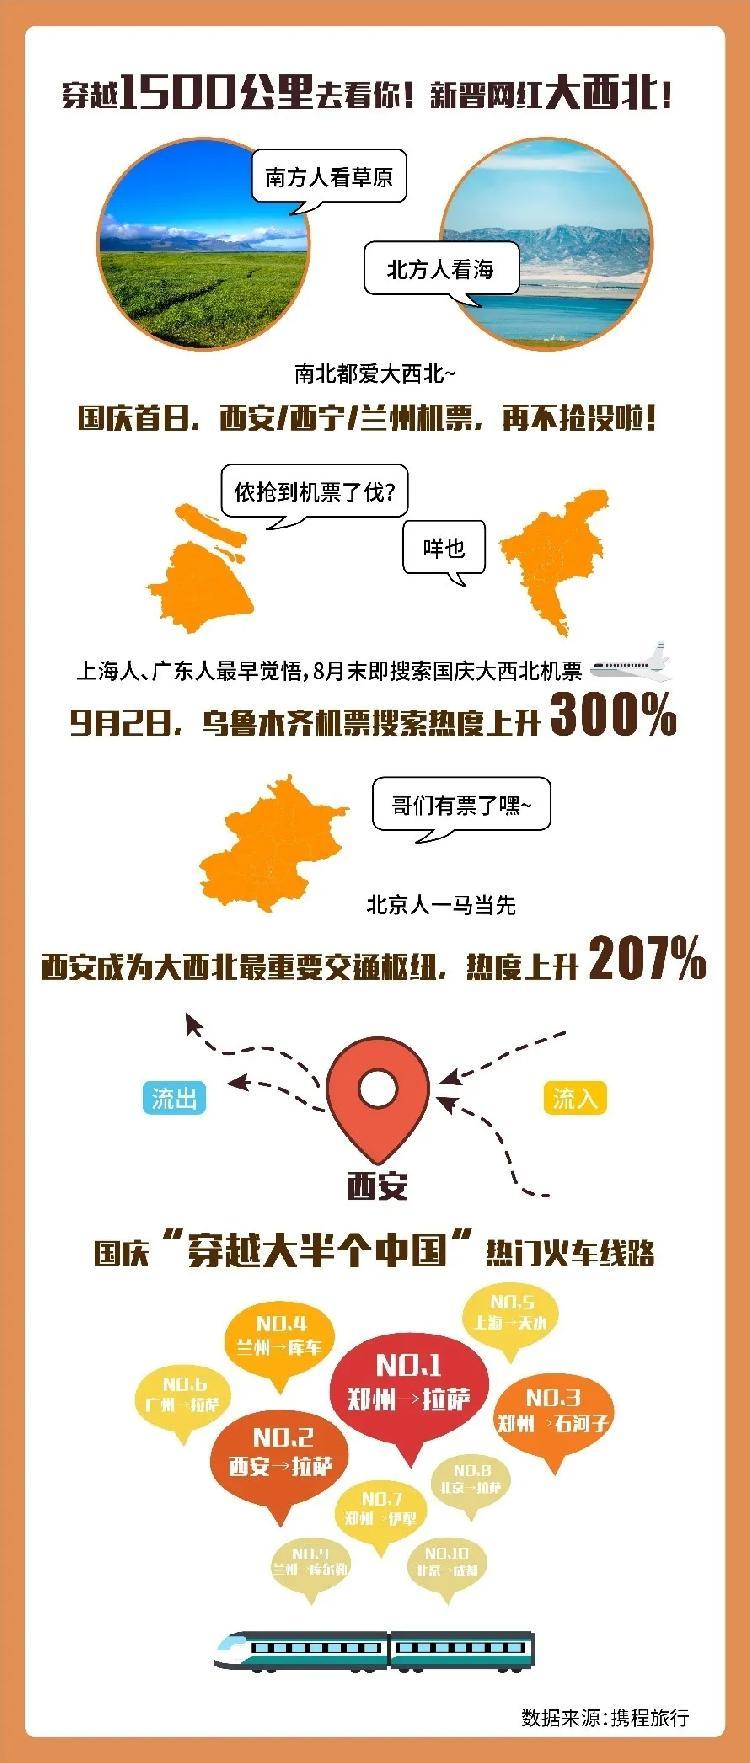 图二.webp.jpg